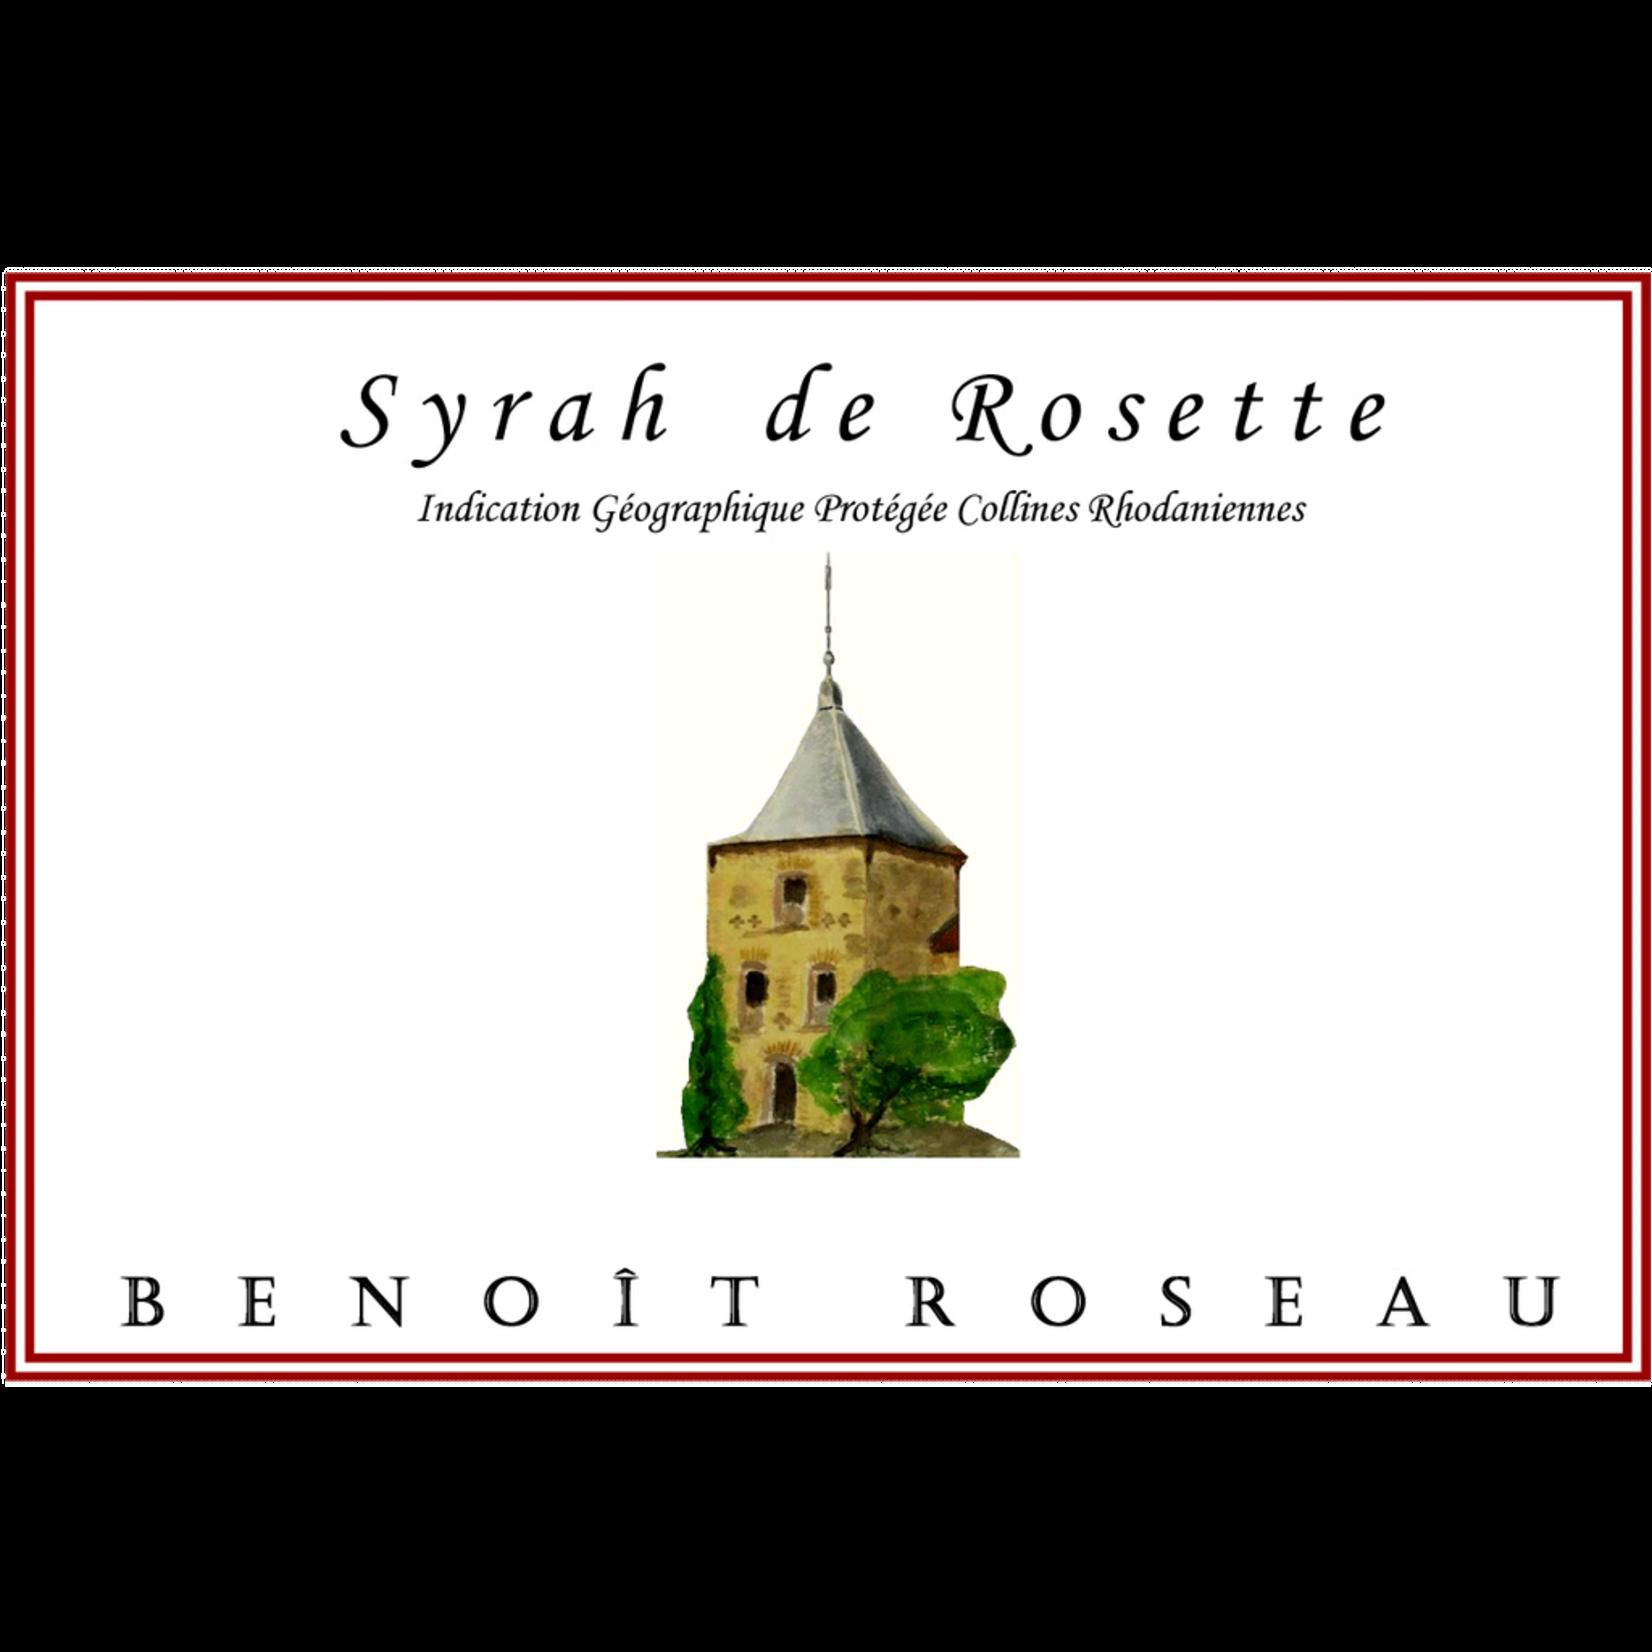 Wine Benoit Roseau Syrah de Rosette 2015